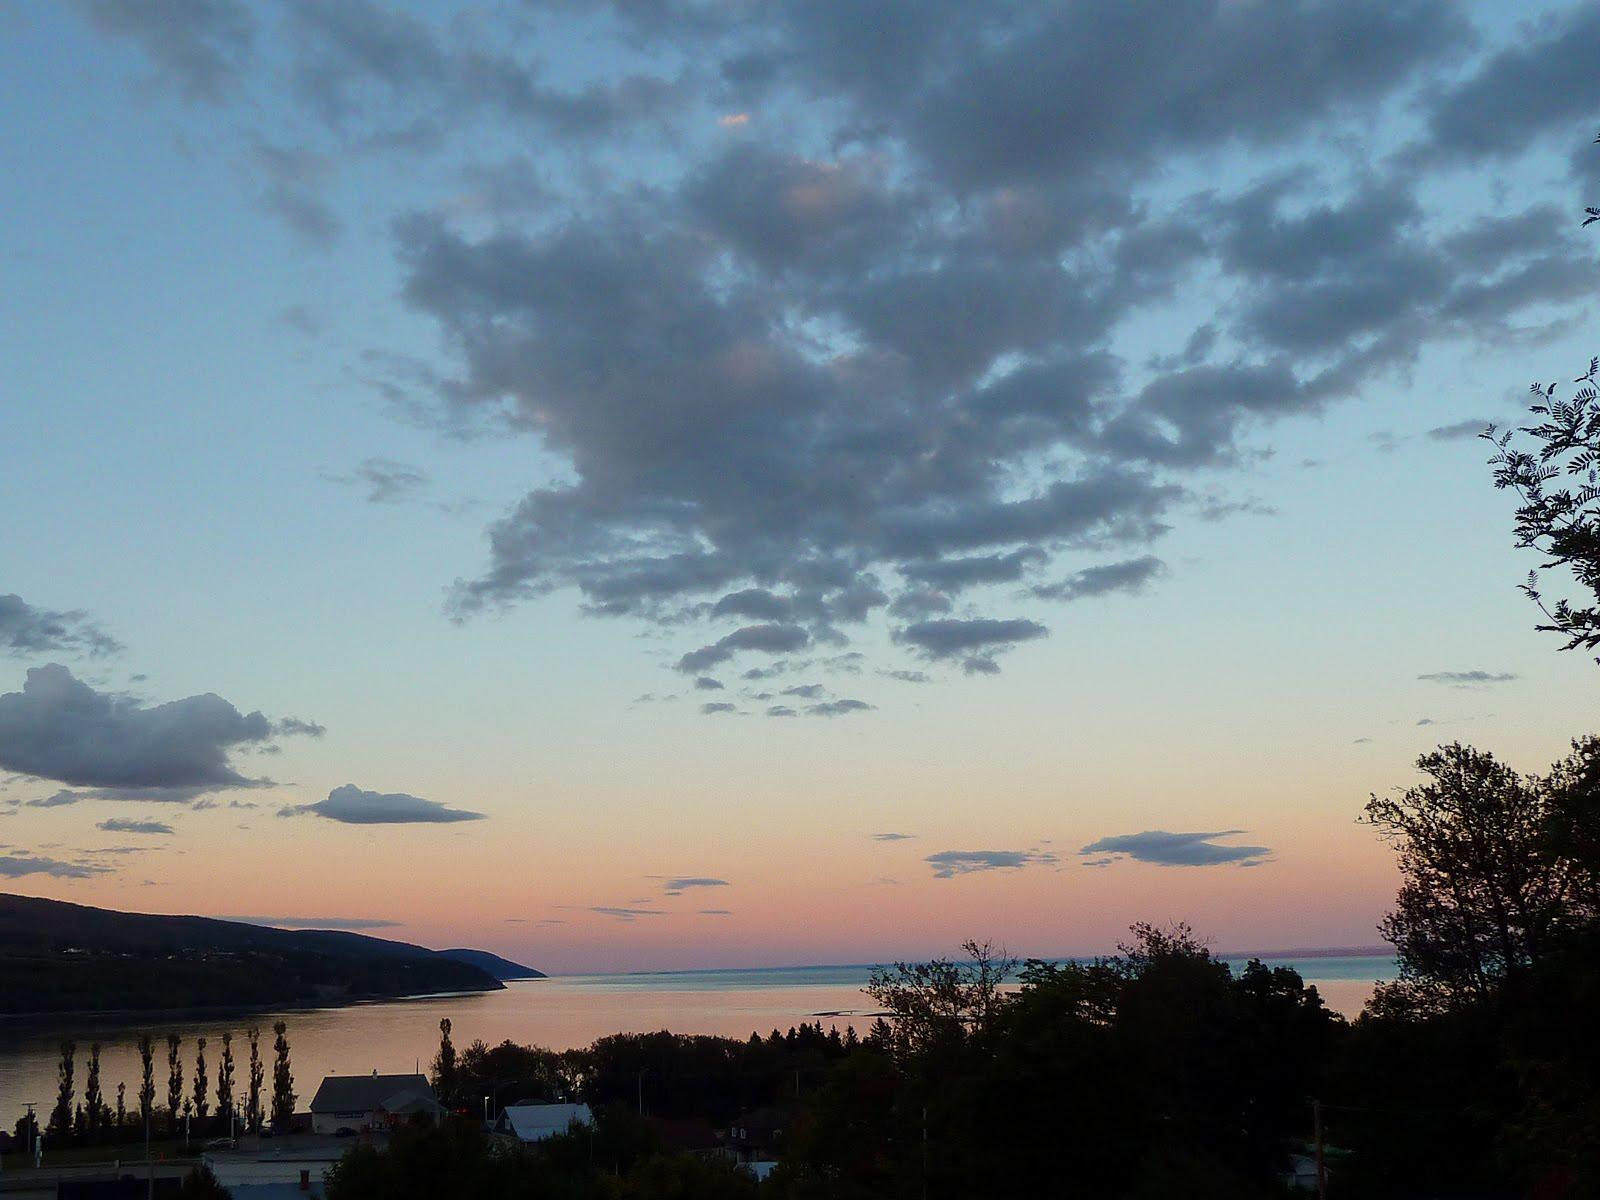 Vu par eric entre charlevoix et montr al coucher de soleil - Coucher de soleil montreal ...